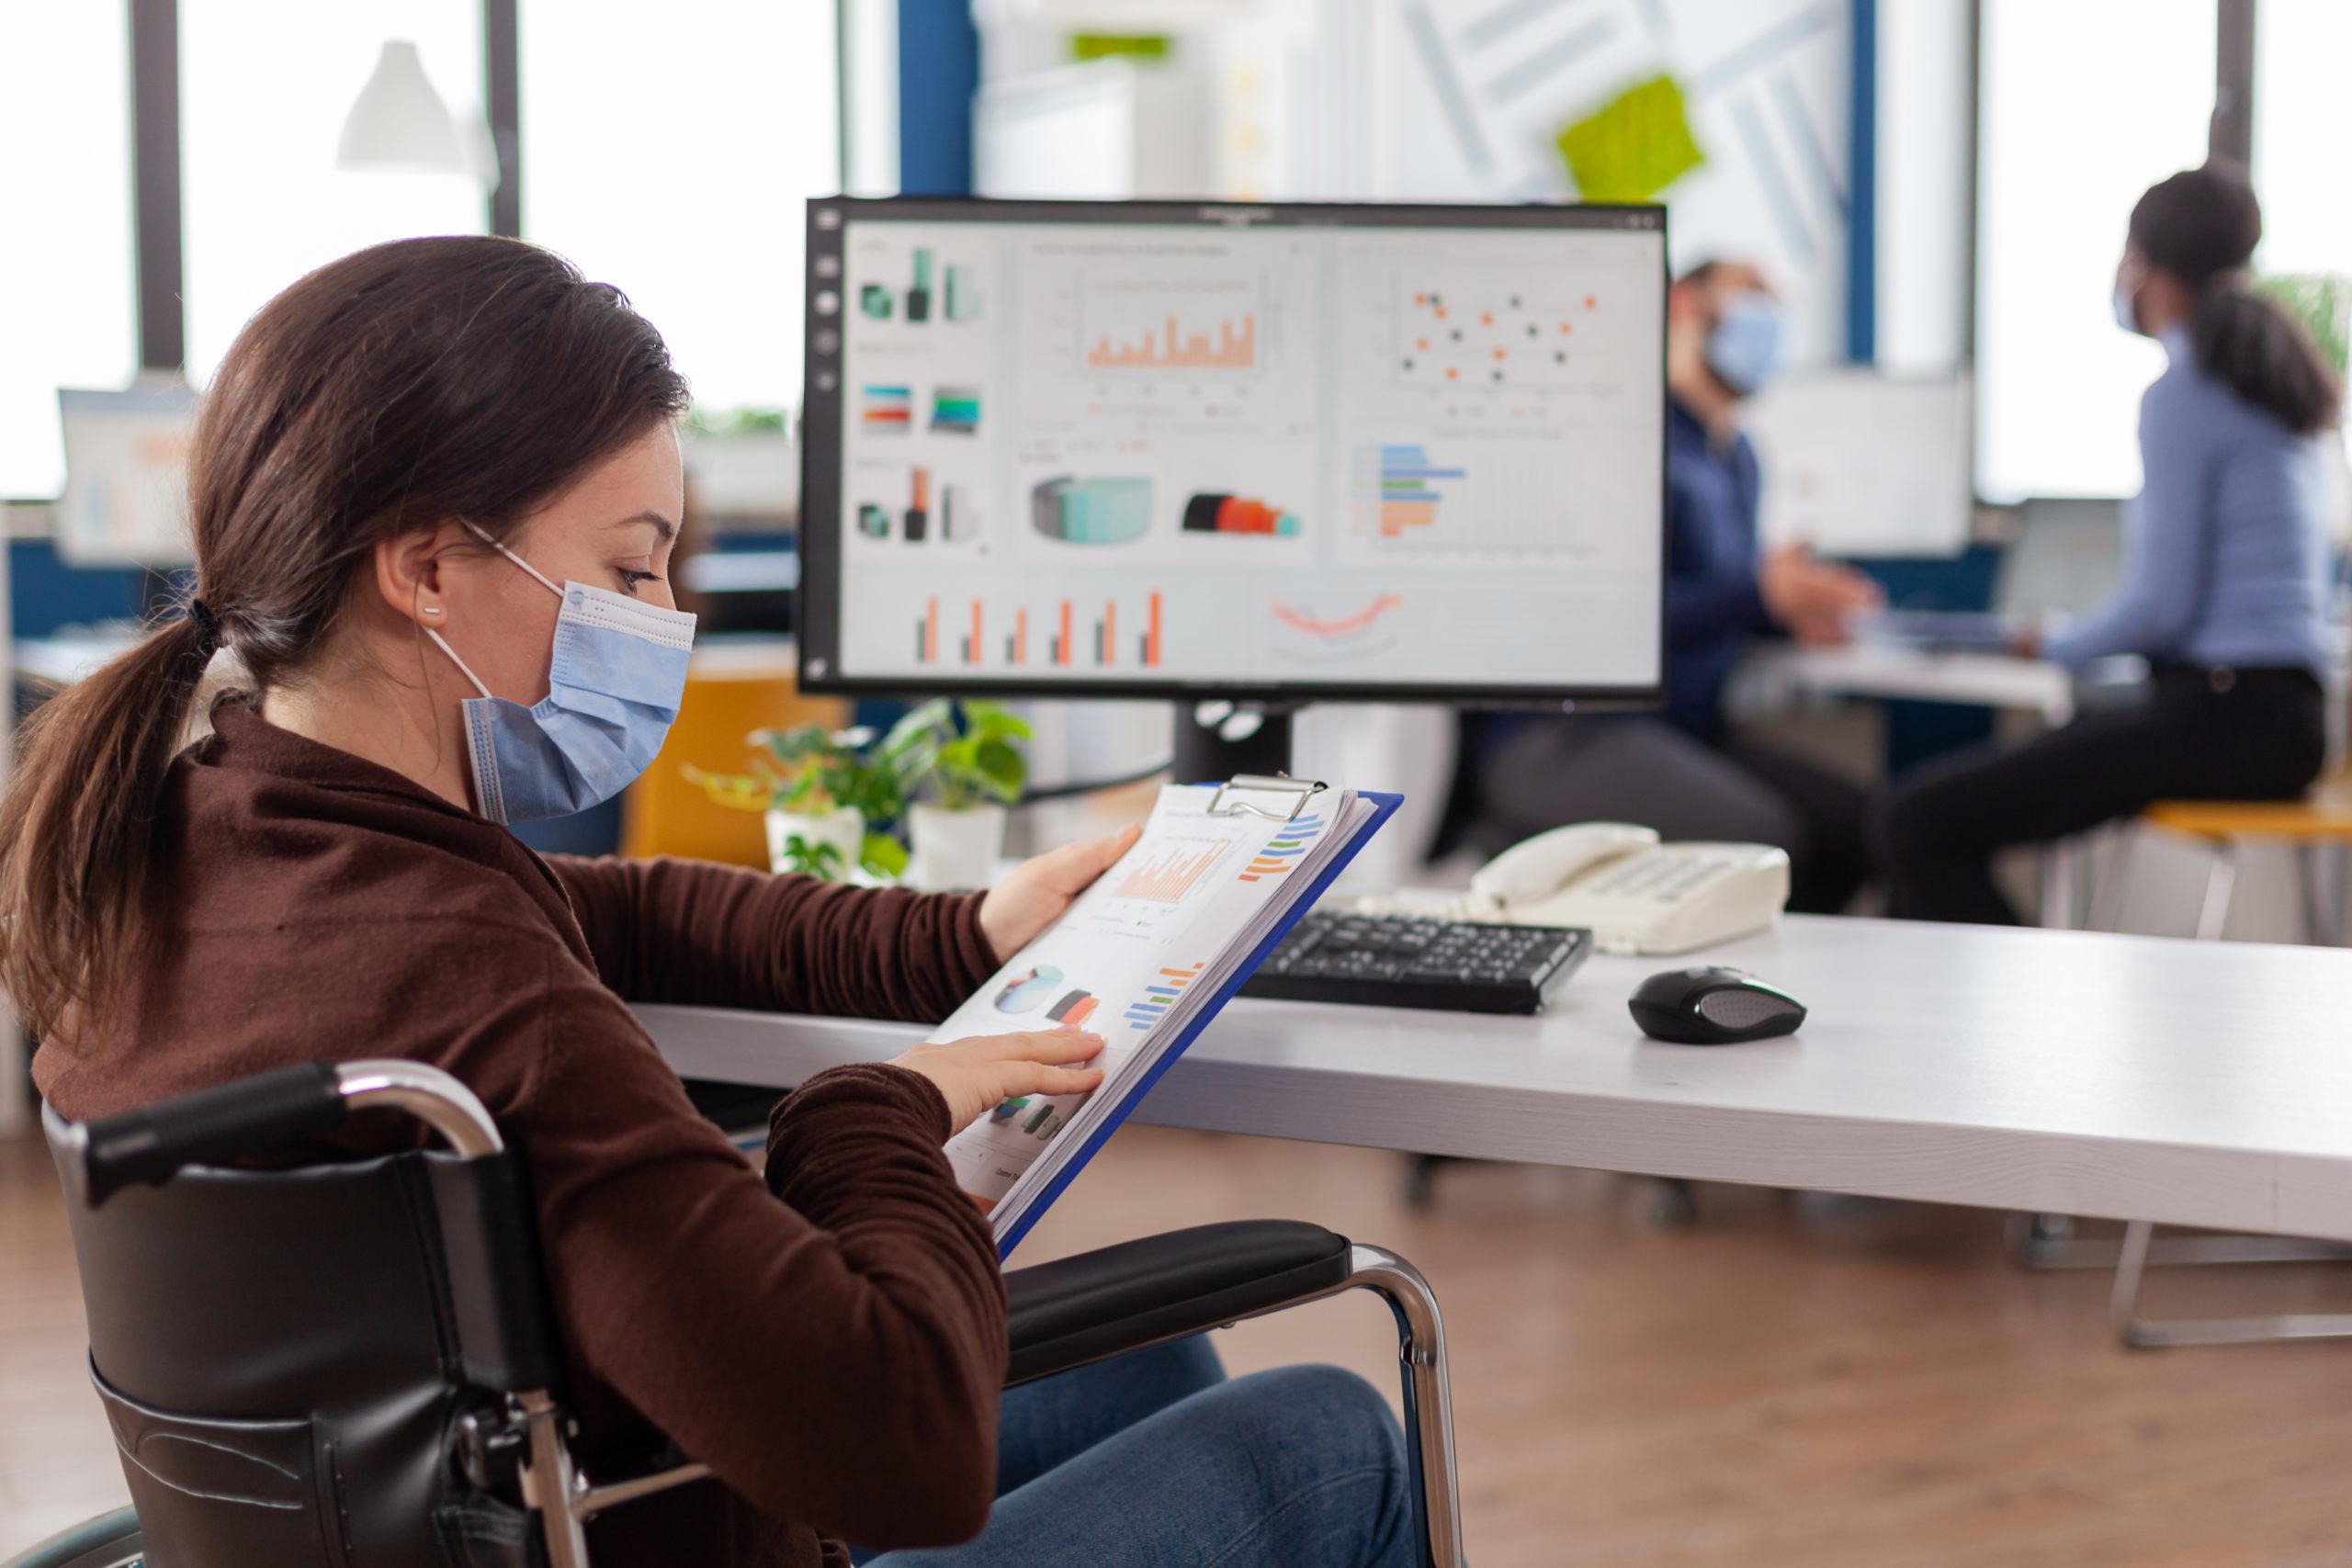 Fotografía de una mujer joven usuaria de silla de ruedas con cabello negro, largo, agarrado en una coleta, tez blanca, vestida con una blusa de manga larga de color café y pantalón de mezclilla, trae puesto un cubrebocas de color azul y en las manos tiene una papeleta color azul claro con hojas que muestran gráficas de colores azul marino y naranja, frente a ella, difumanido sobre un escritorio blanco, se encuentra una computadora de escritorio que de igual forma proyecta algunas gráficas.